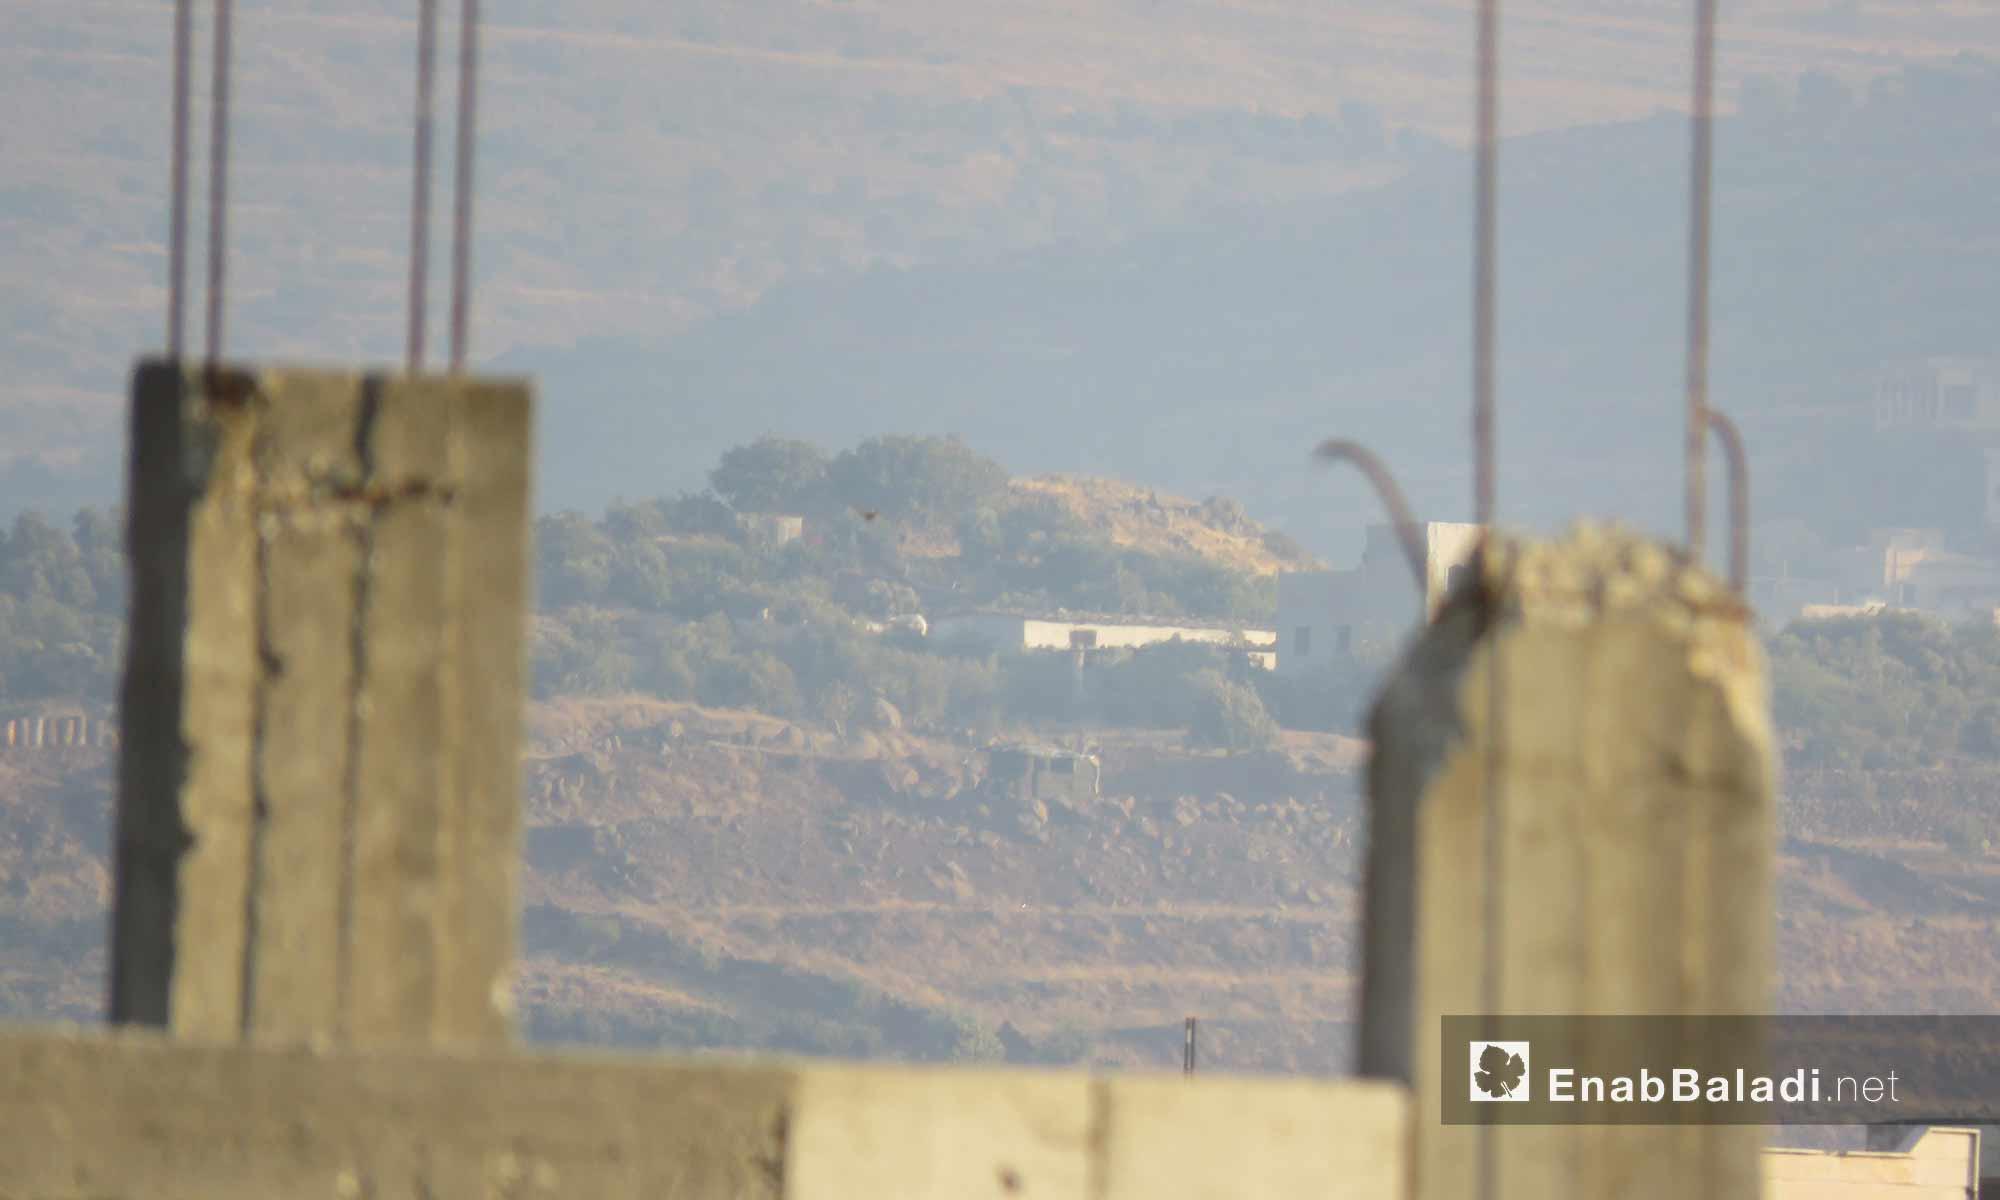 تحصينات قوات النظام عند حاجزي القبو ومؤسسة المياه على أطراف الحولة بريف حمص - 16 آب 2017 (عنب بلدي)